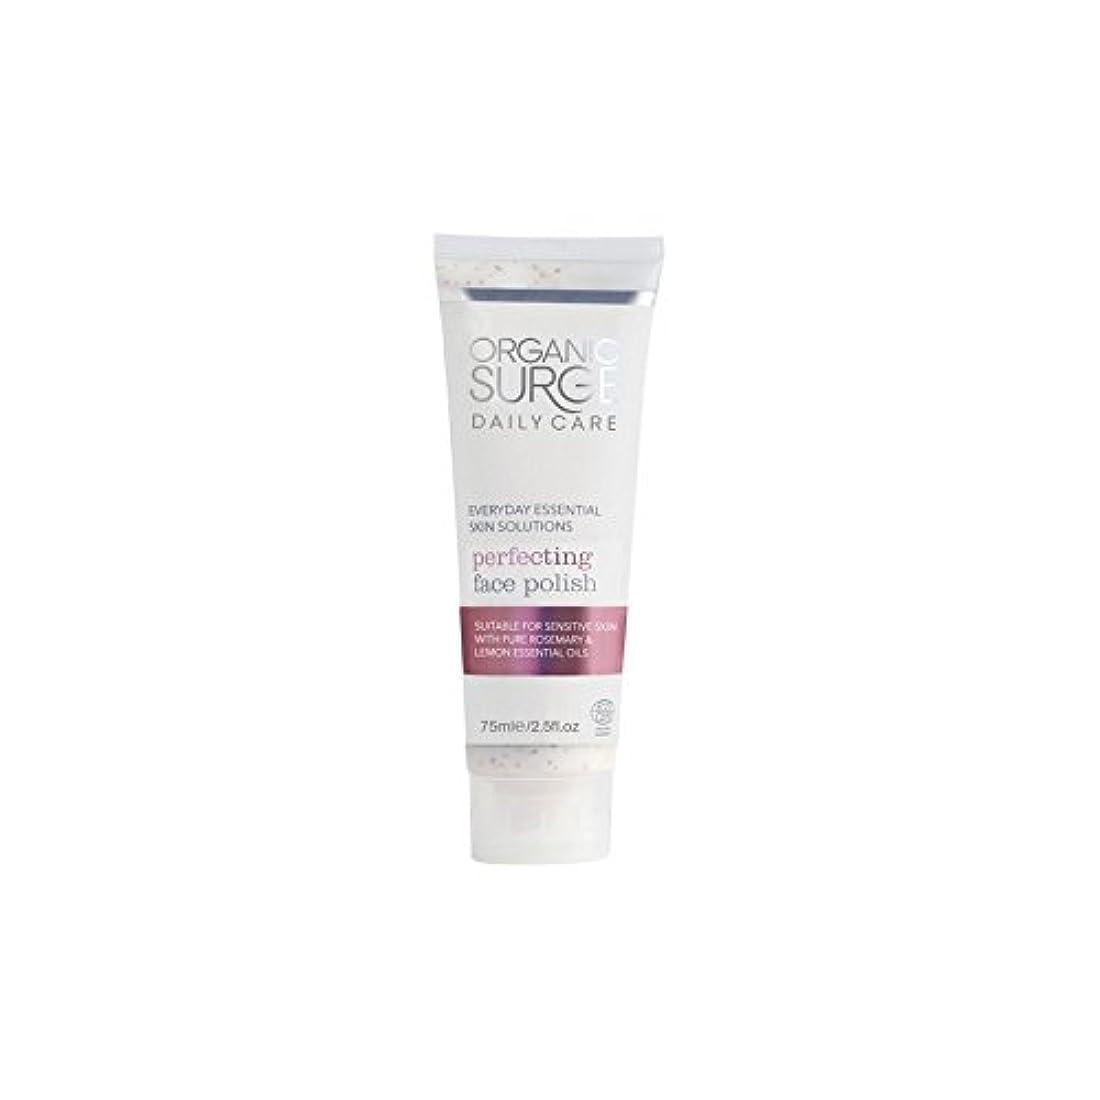 アトム心理的トロリー面研磨を完成有機サージ毎日のケア(75ミリリットル) x4 - Organic Surge Daily Care Perfecting Face Polish (75ml) (Pack of 4) [並行輸入品]